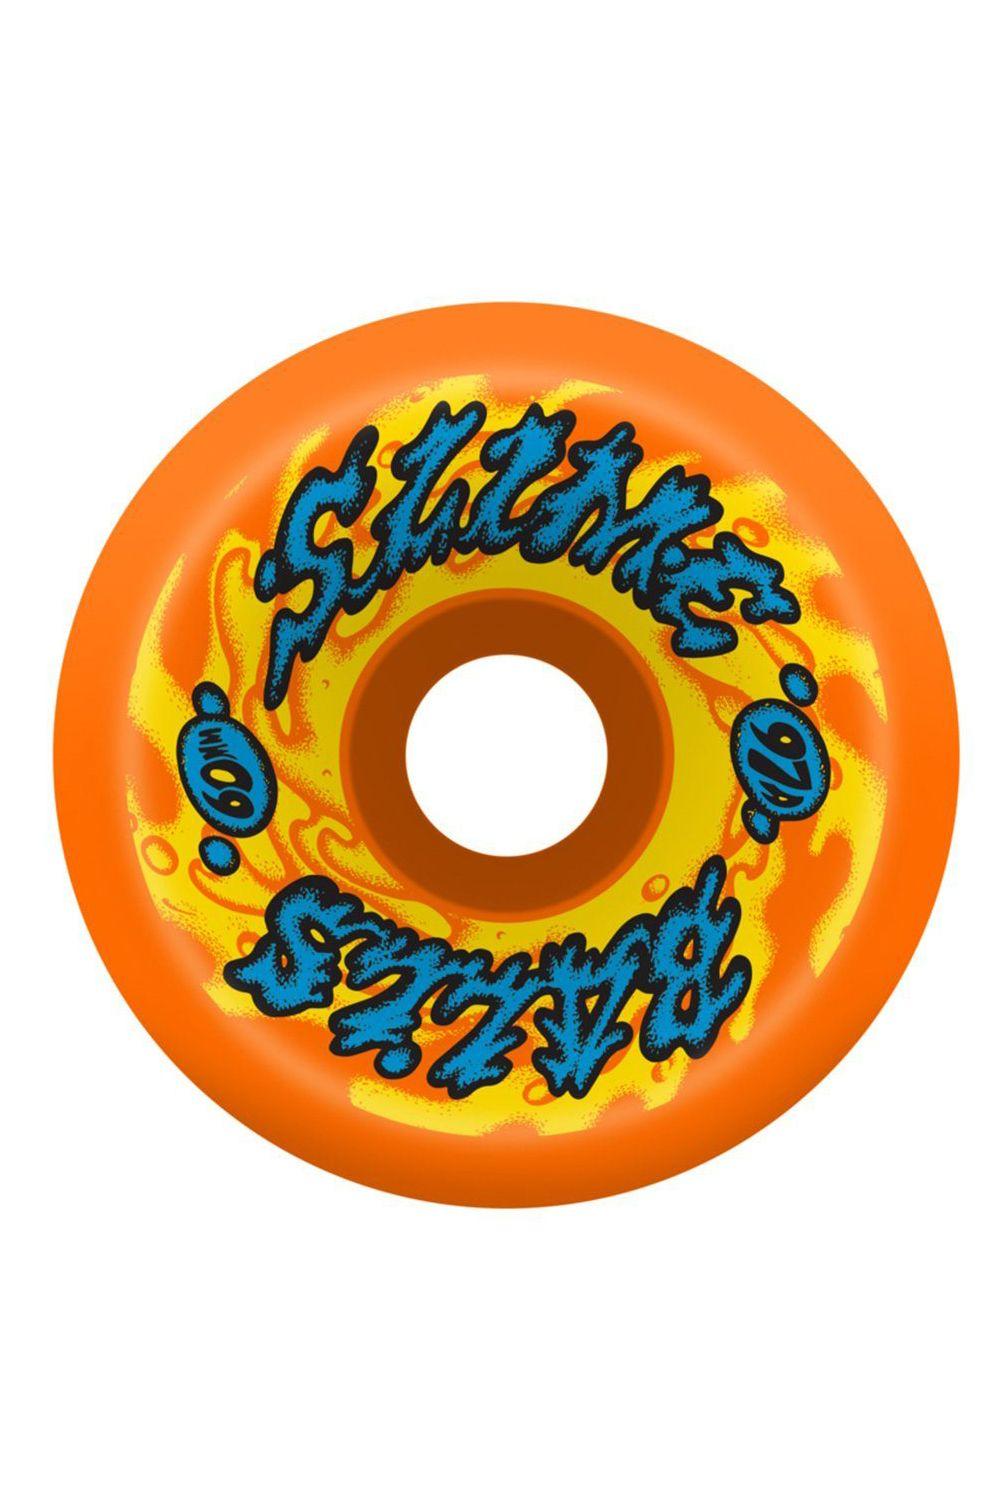 Rodas Slime Balls 60MM GOOOBERZ VOMITS ORANGE 97A Assorted